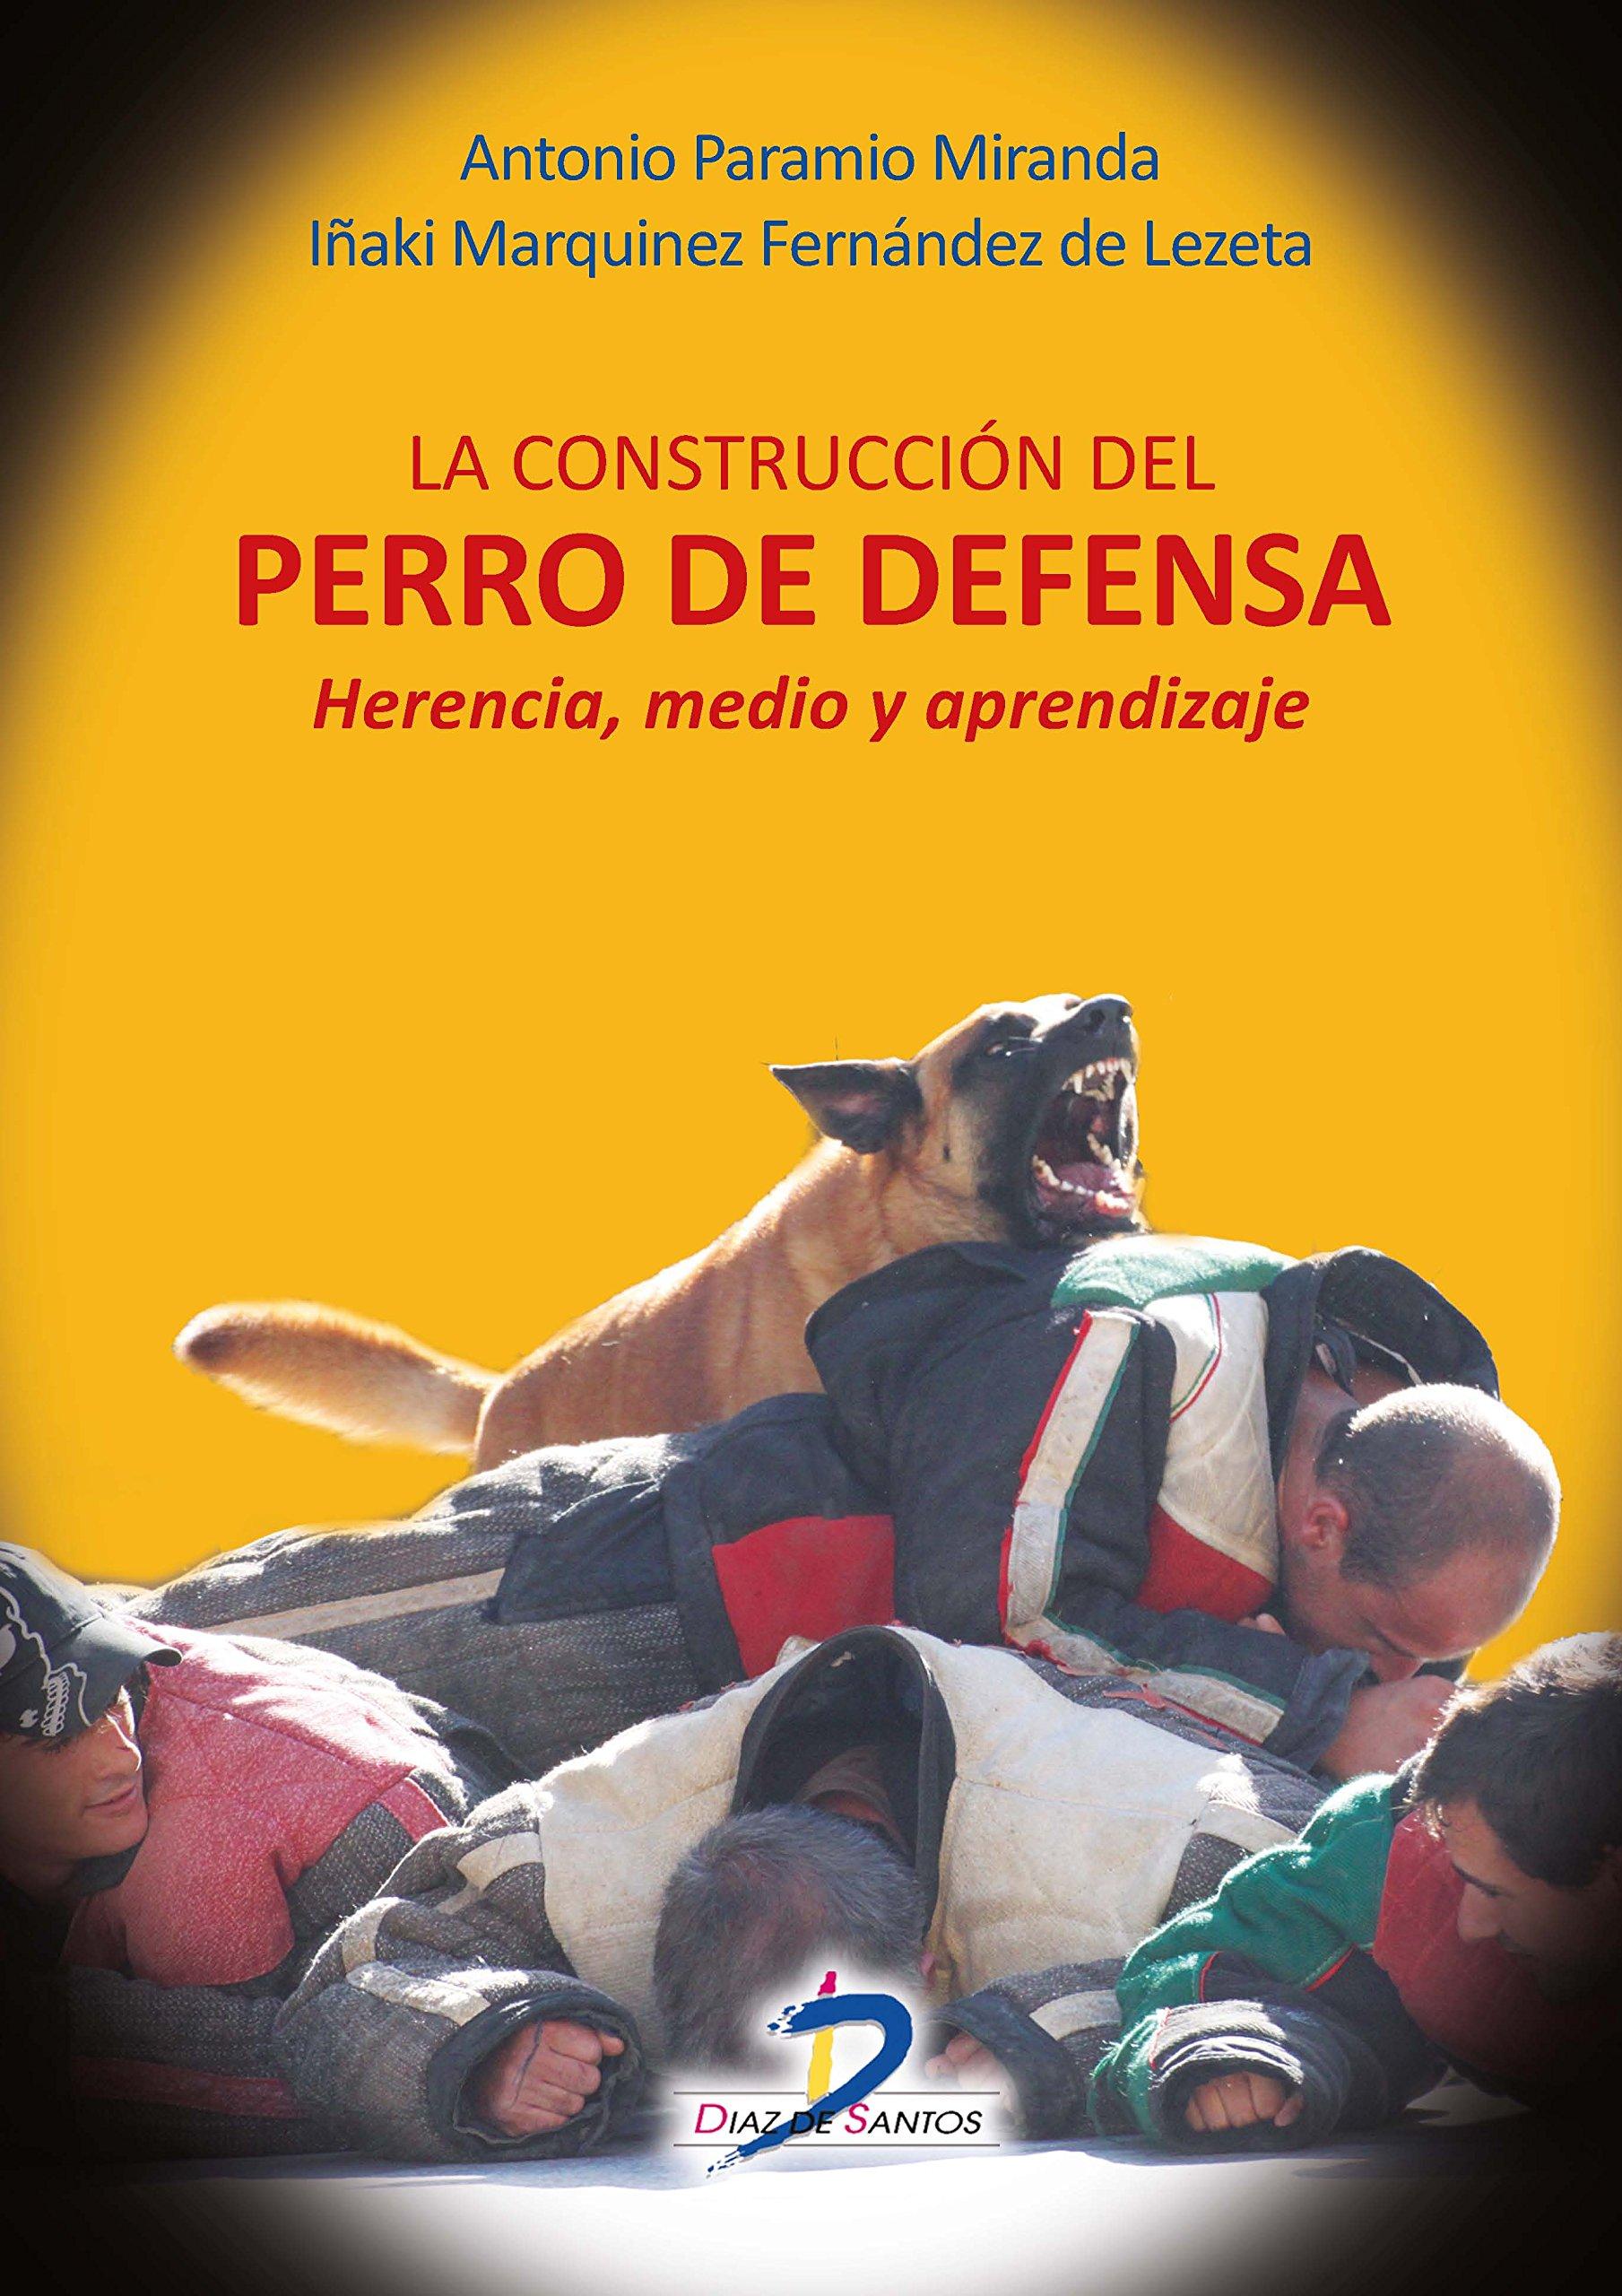 LA CONSTRUCCION DEL PERRO DE DEFENSA: Amazon.es: Antonio Paramio Miranda, Iñaki Marquínez Fernández de Lezeta: Libros